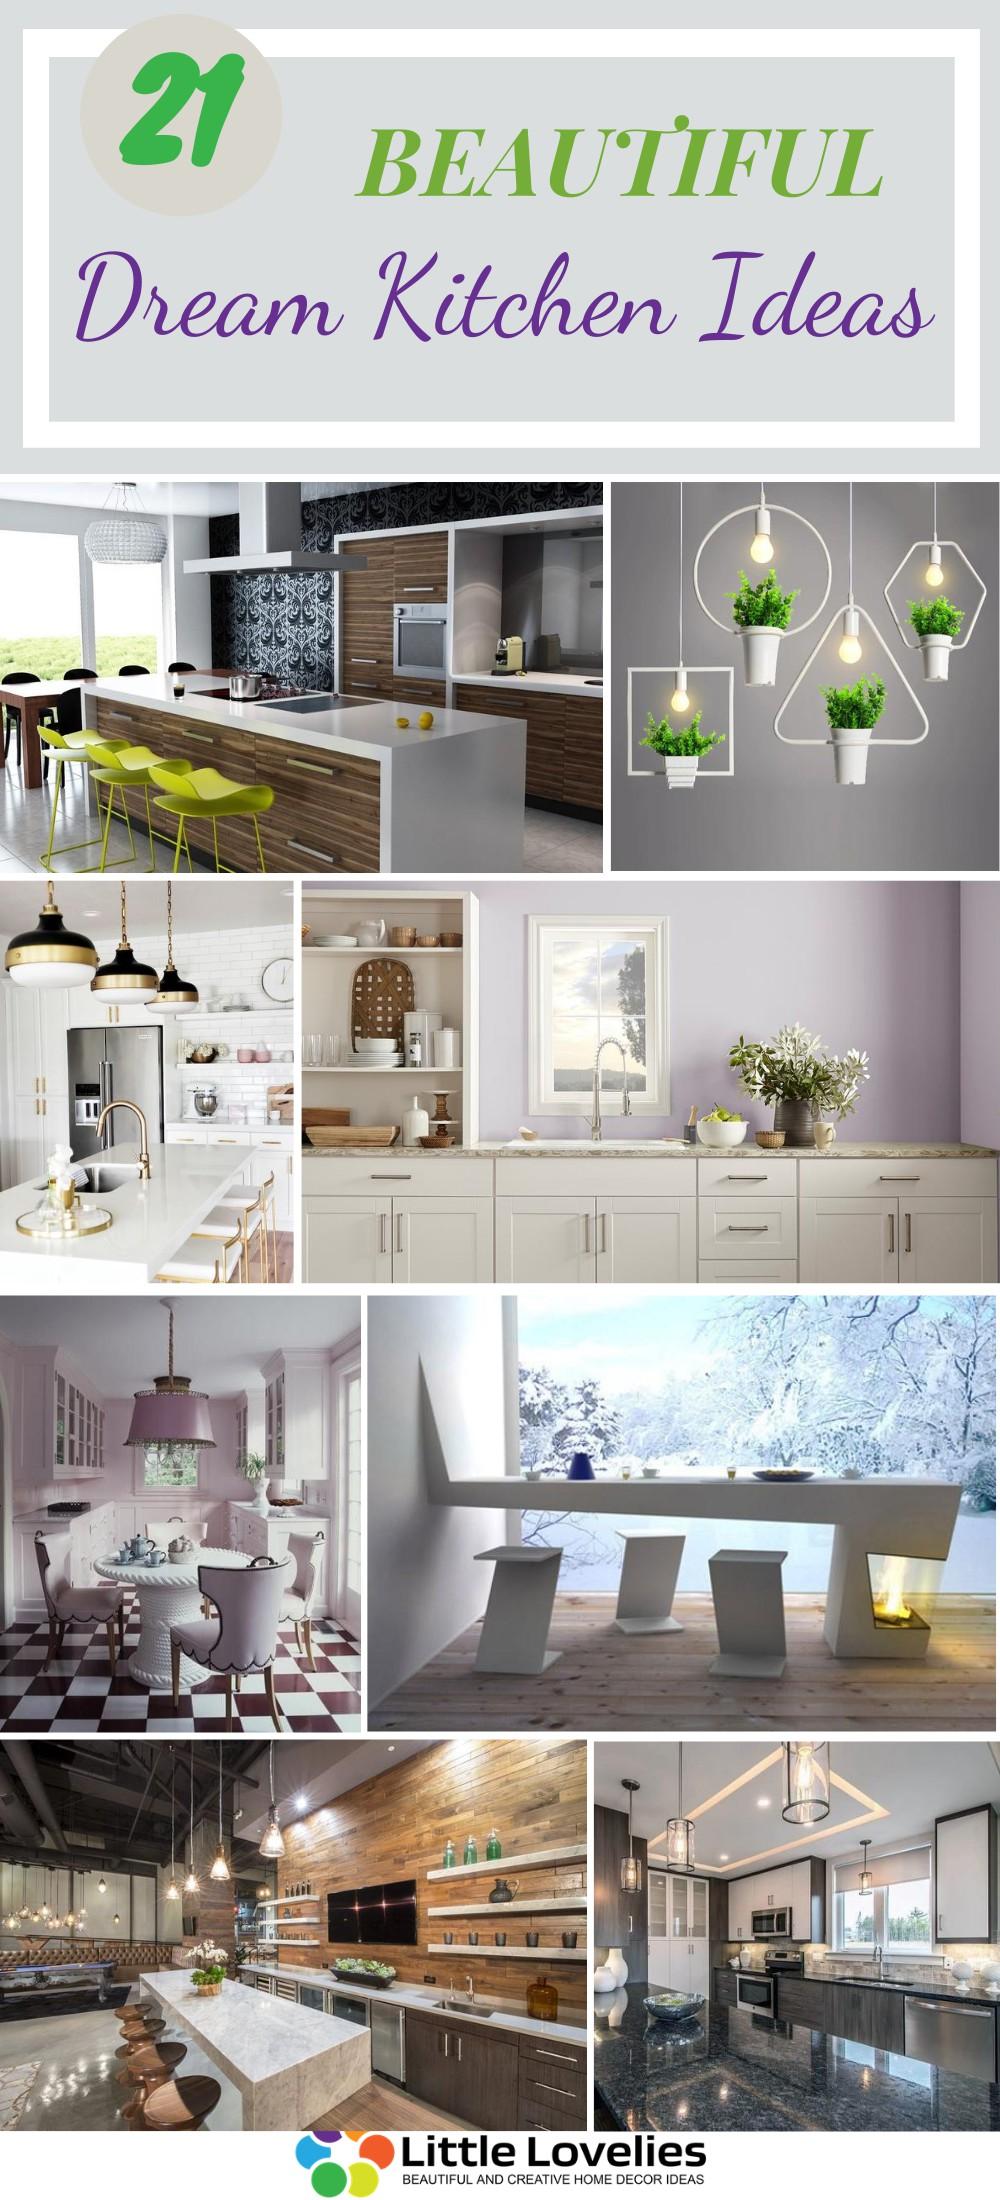 Best Dream Kitchen Ideas